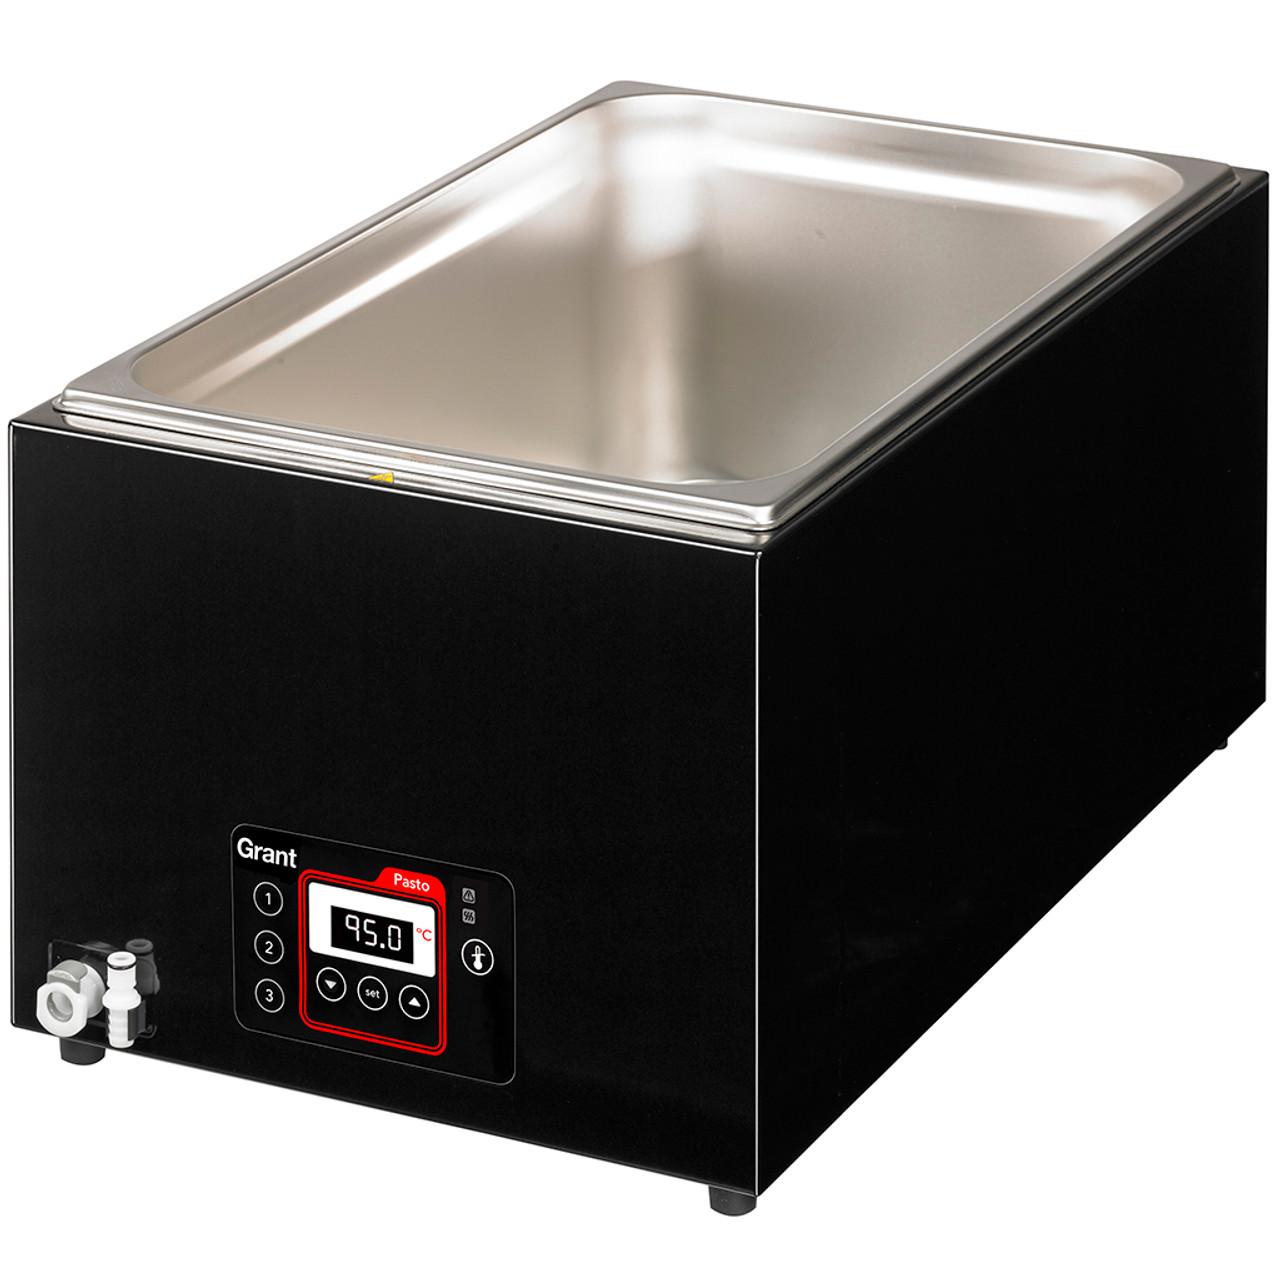 Grant - Pasto Water Bath 26lt (Sous Vide)